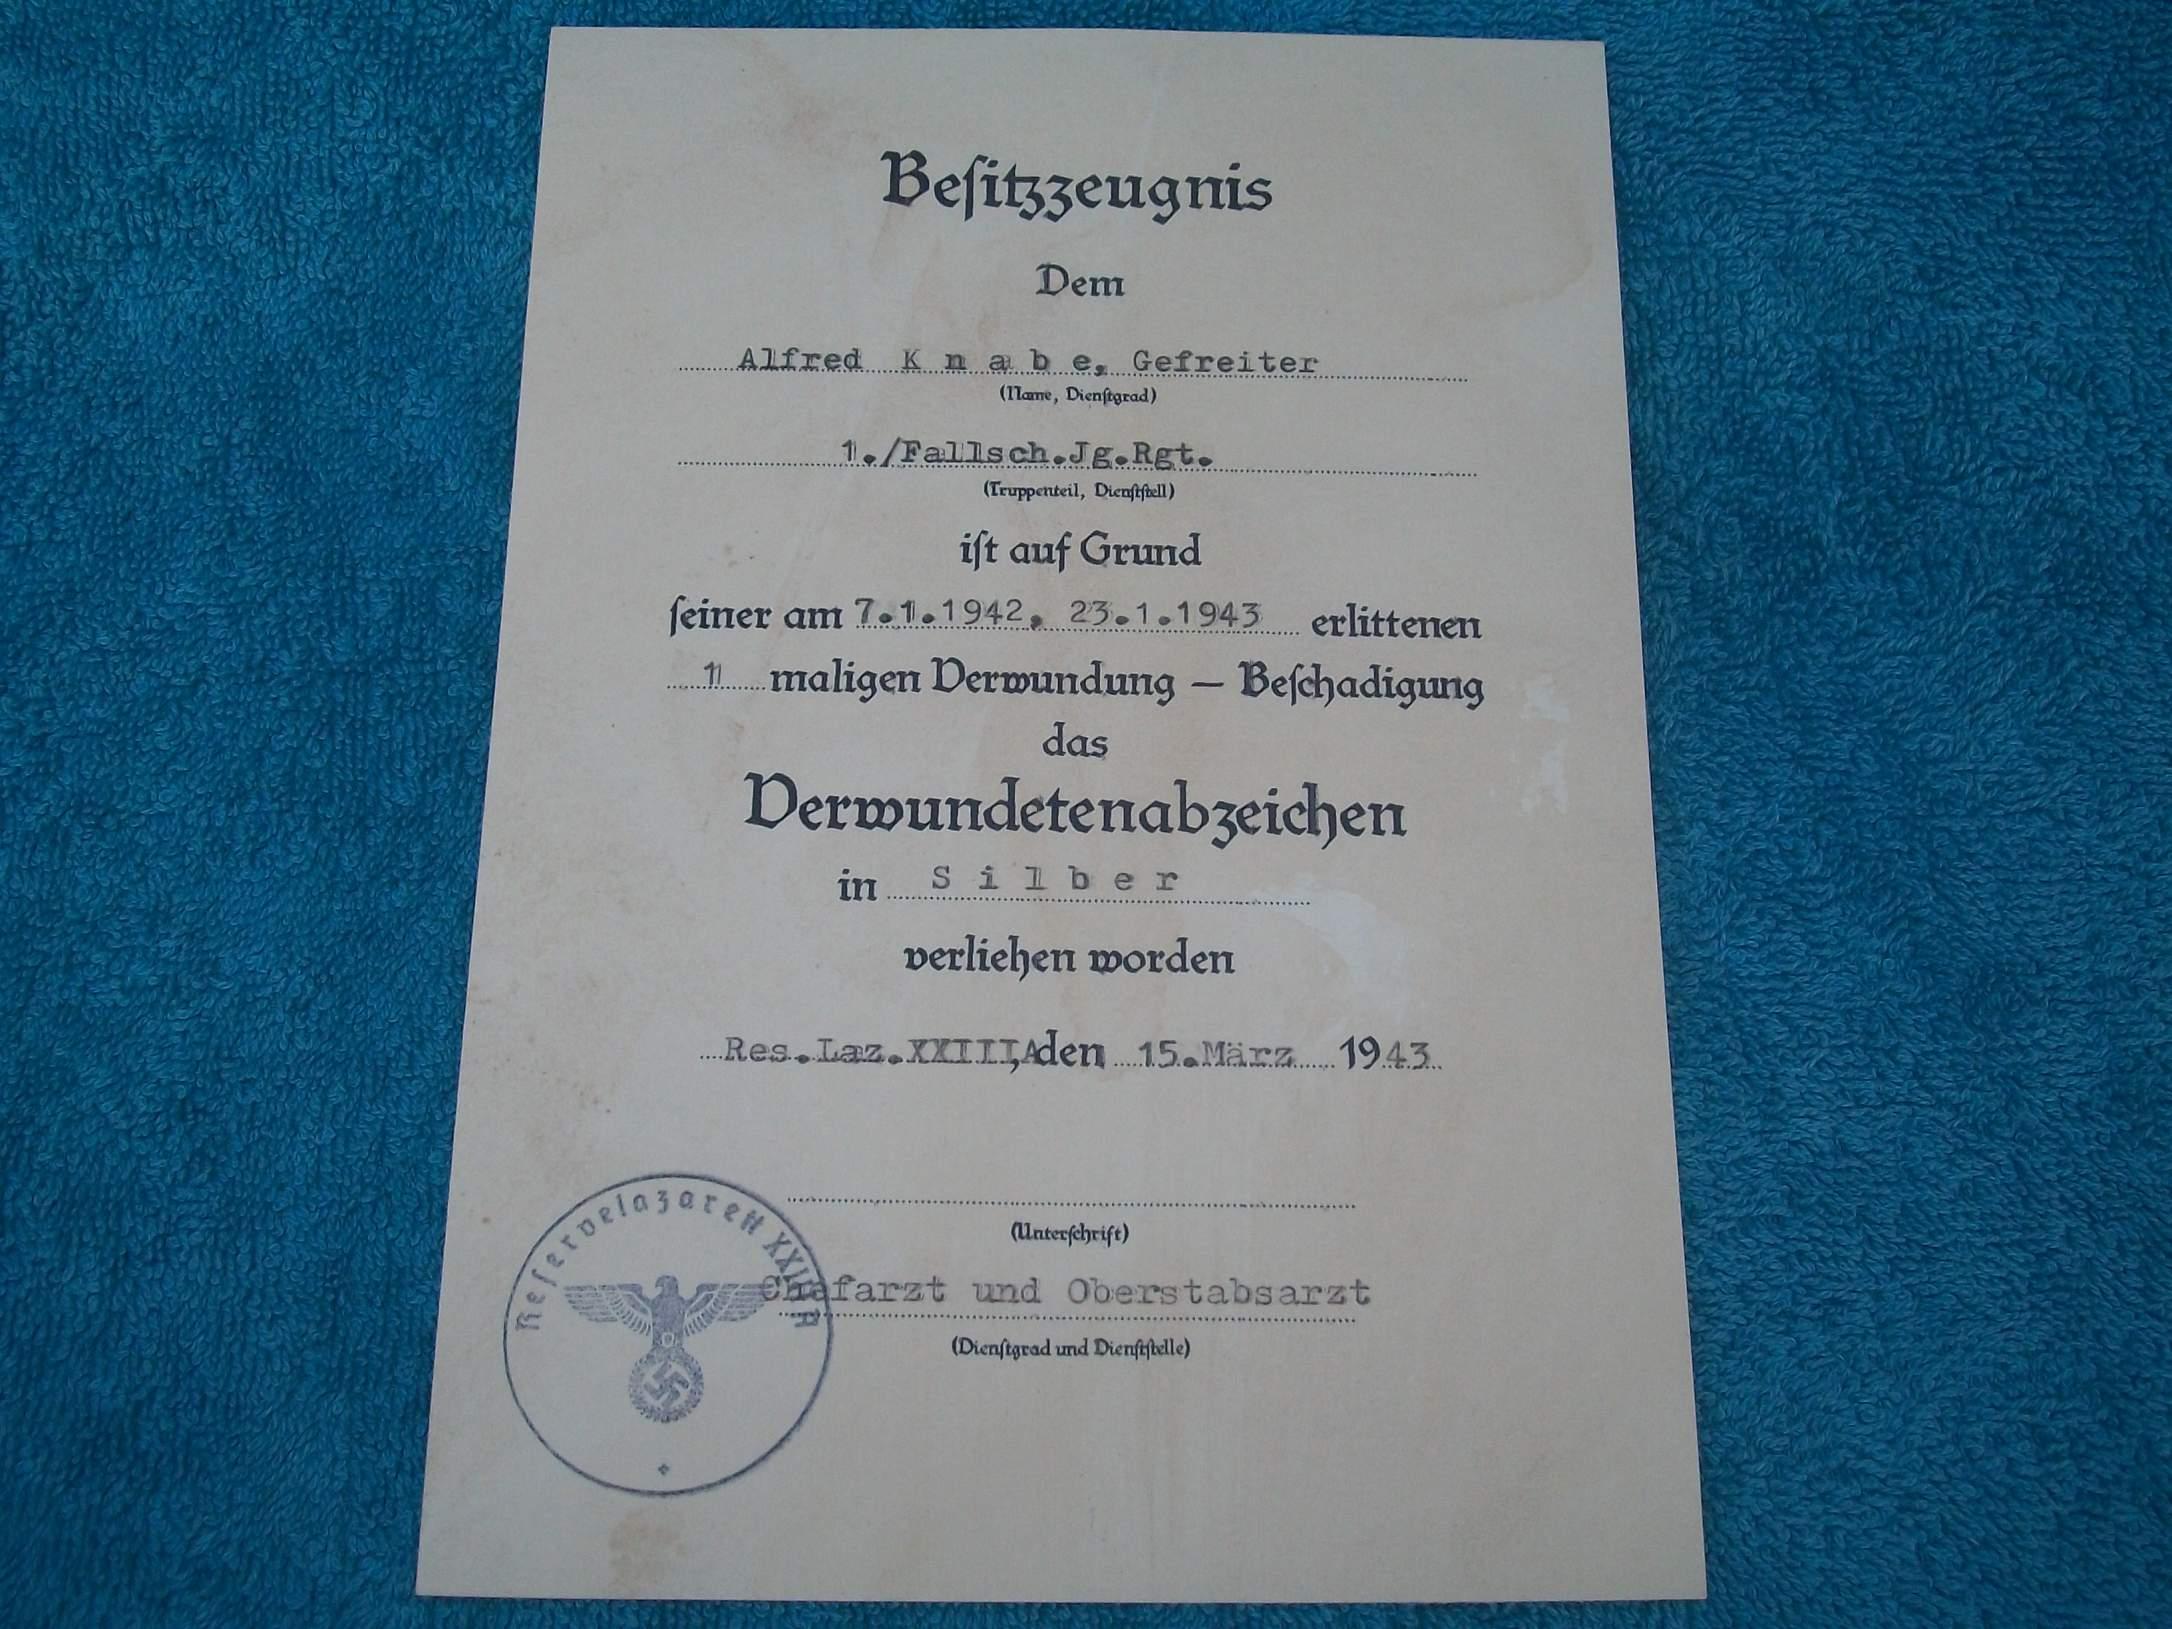 1048844d1487367628-verwundetenabzeichen-silber-wound2 Verwunderlich Reich Werden Mit Silber Dekorationen